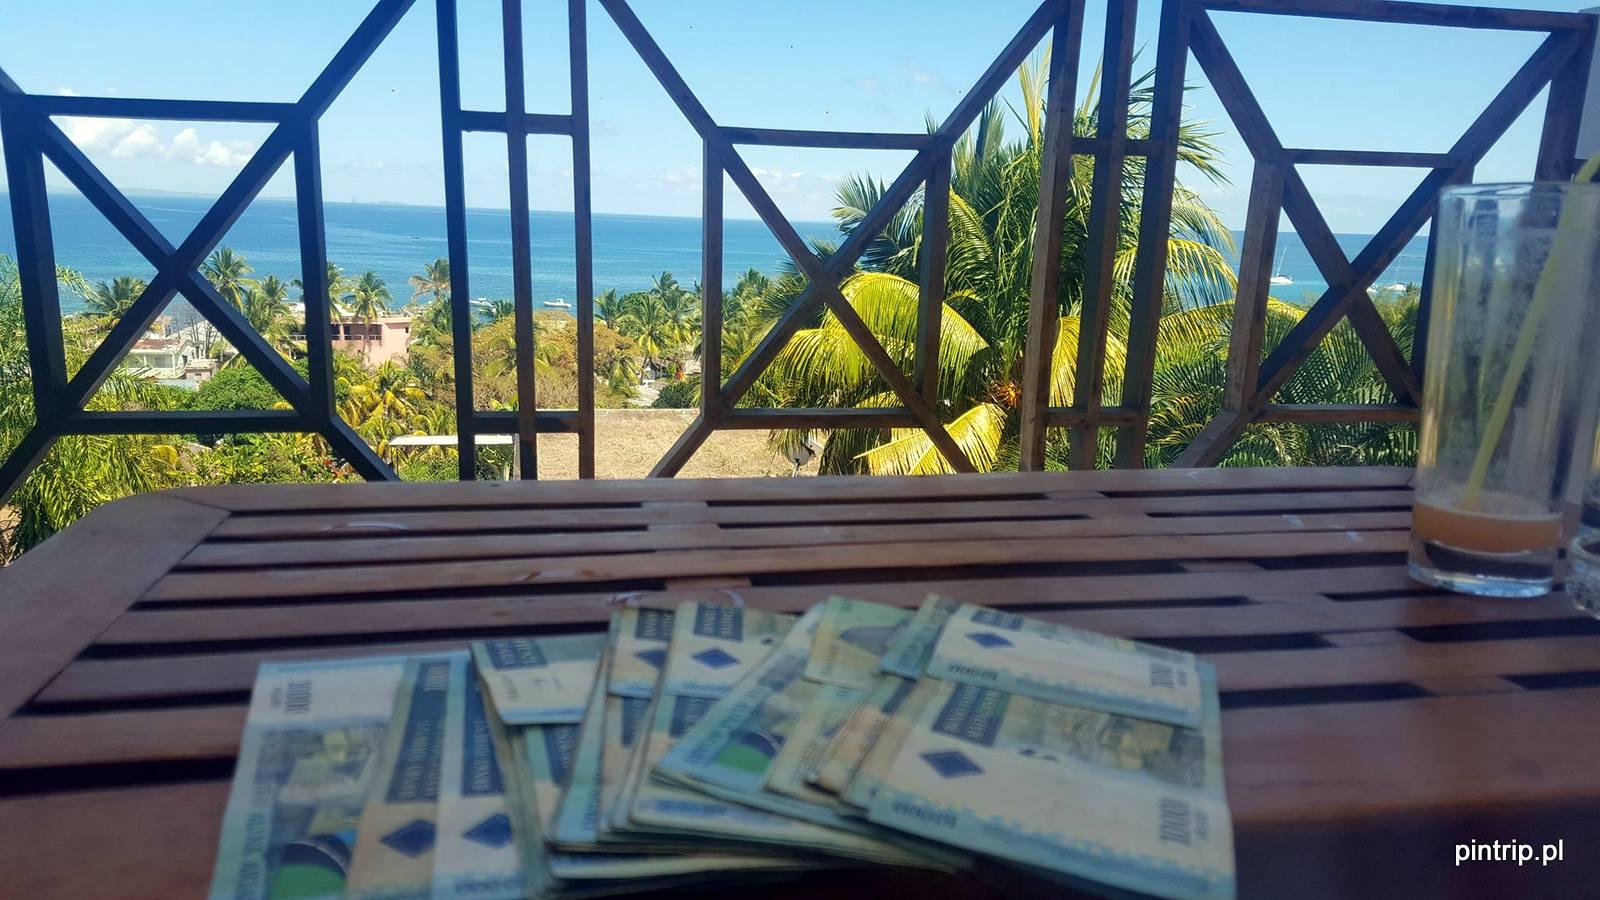 wymiana waluty madagaskar